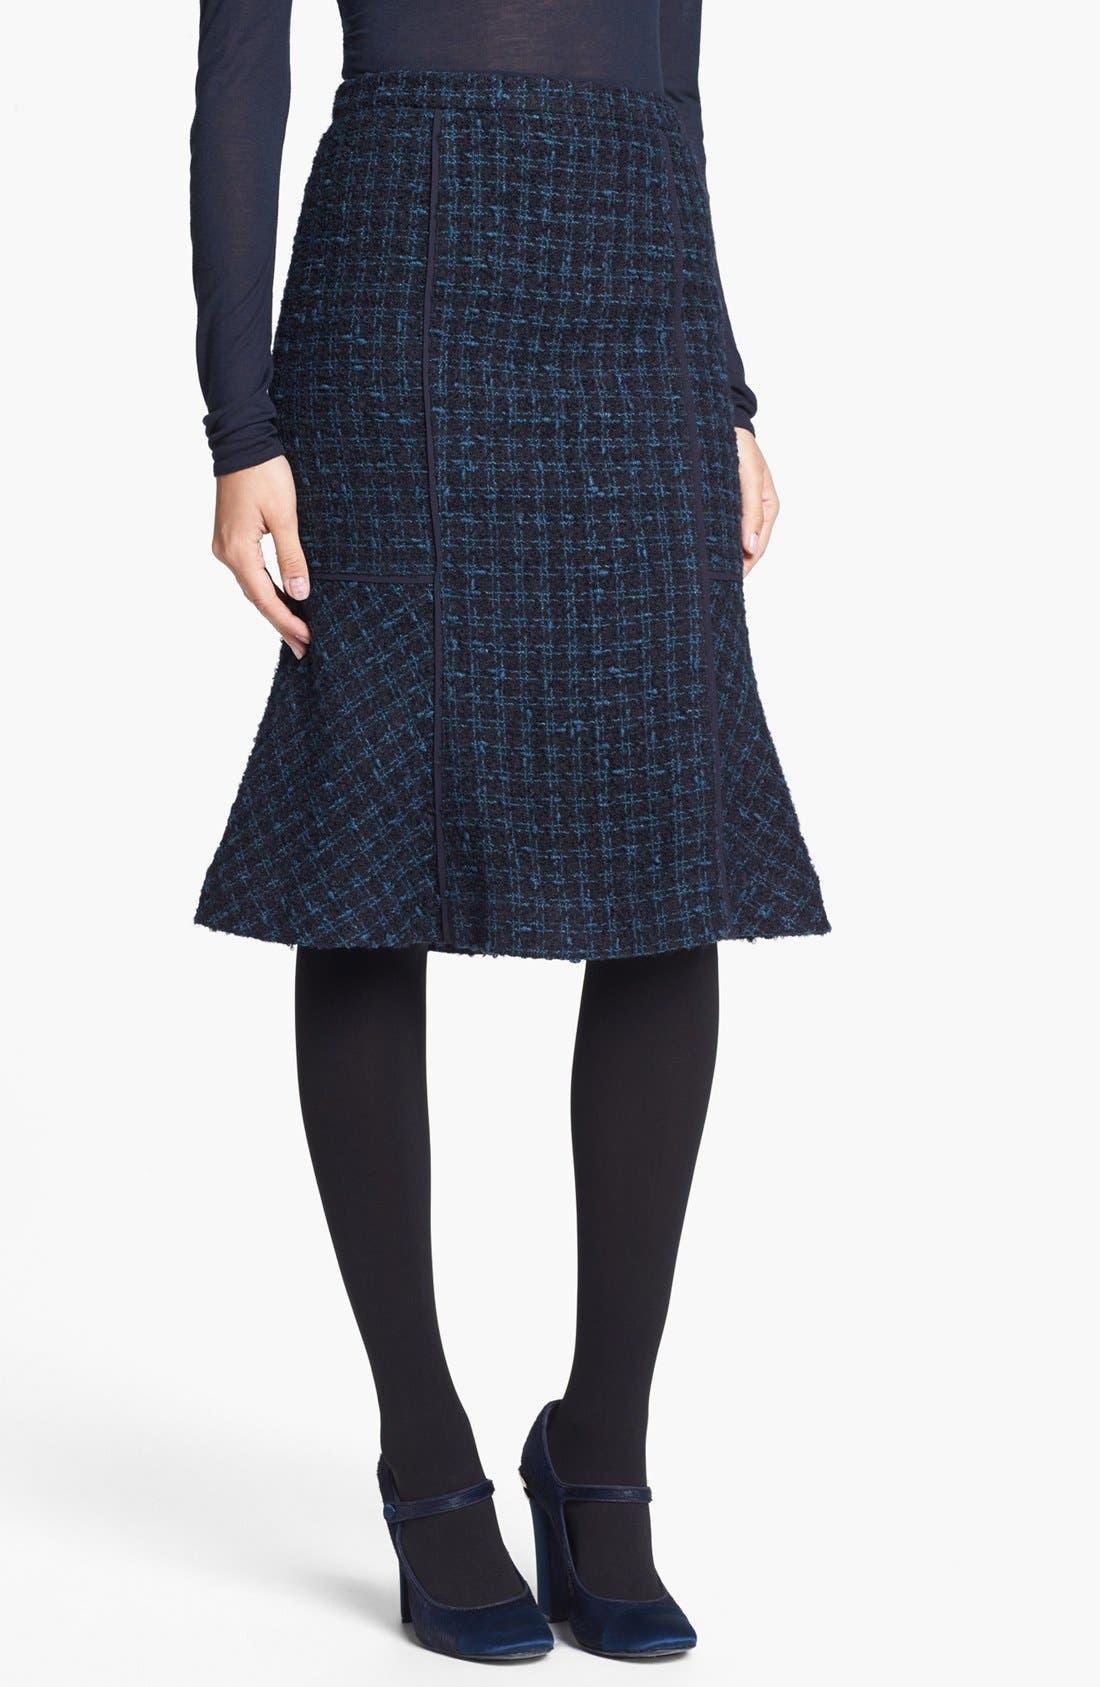 Alternate Image 1 Selected - Tory Burch 'Sloane' Tweed Skirt